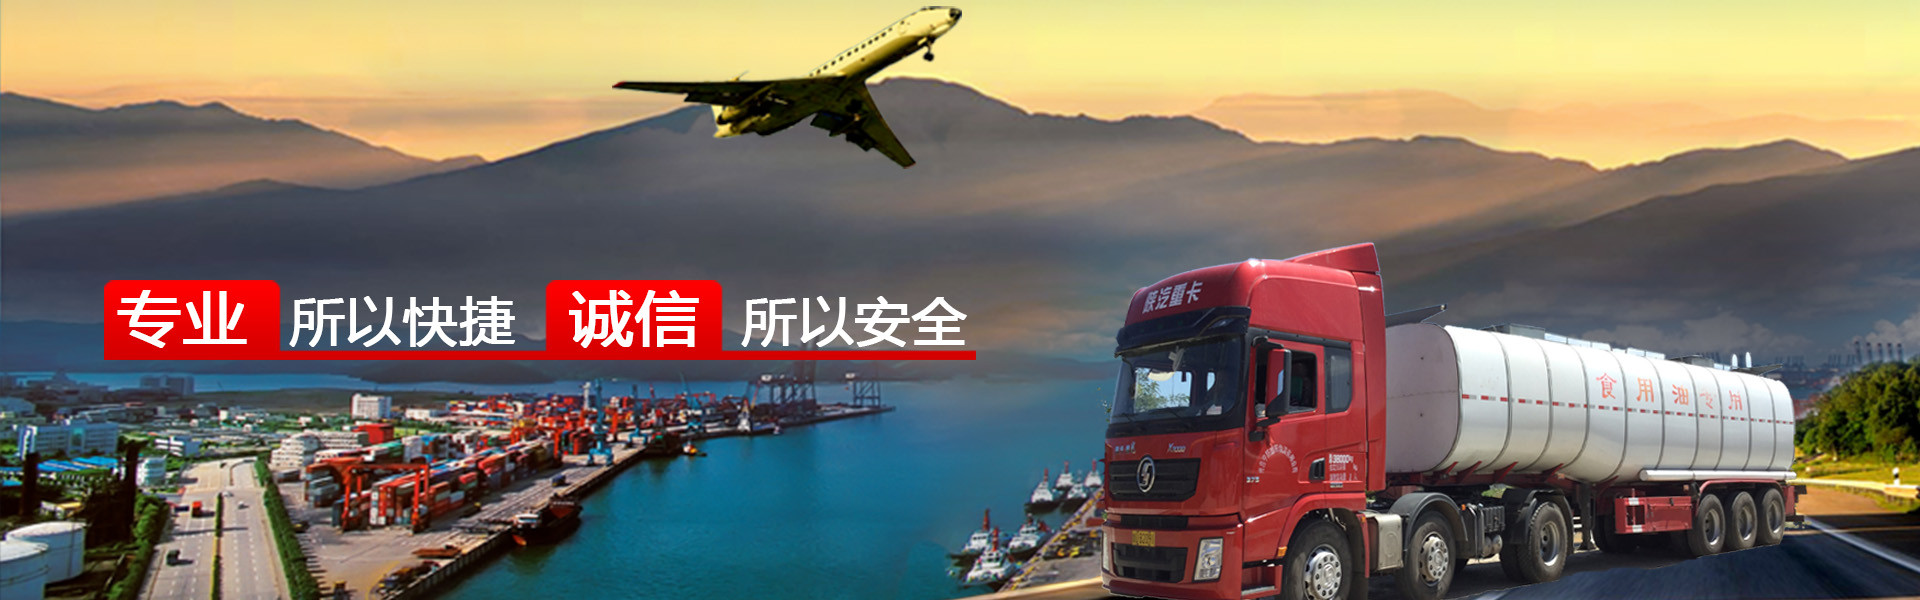 河北油罐车运输价格 山东可靠的青岛食用油运输